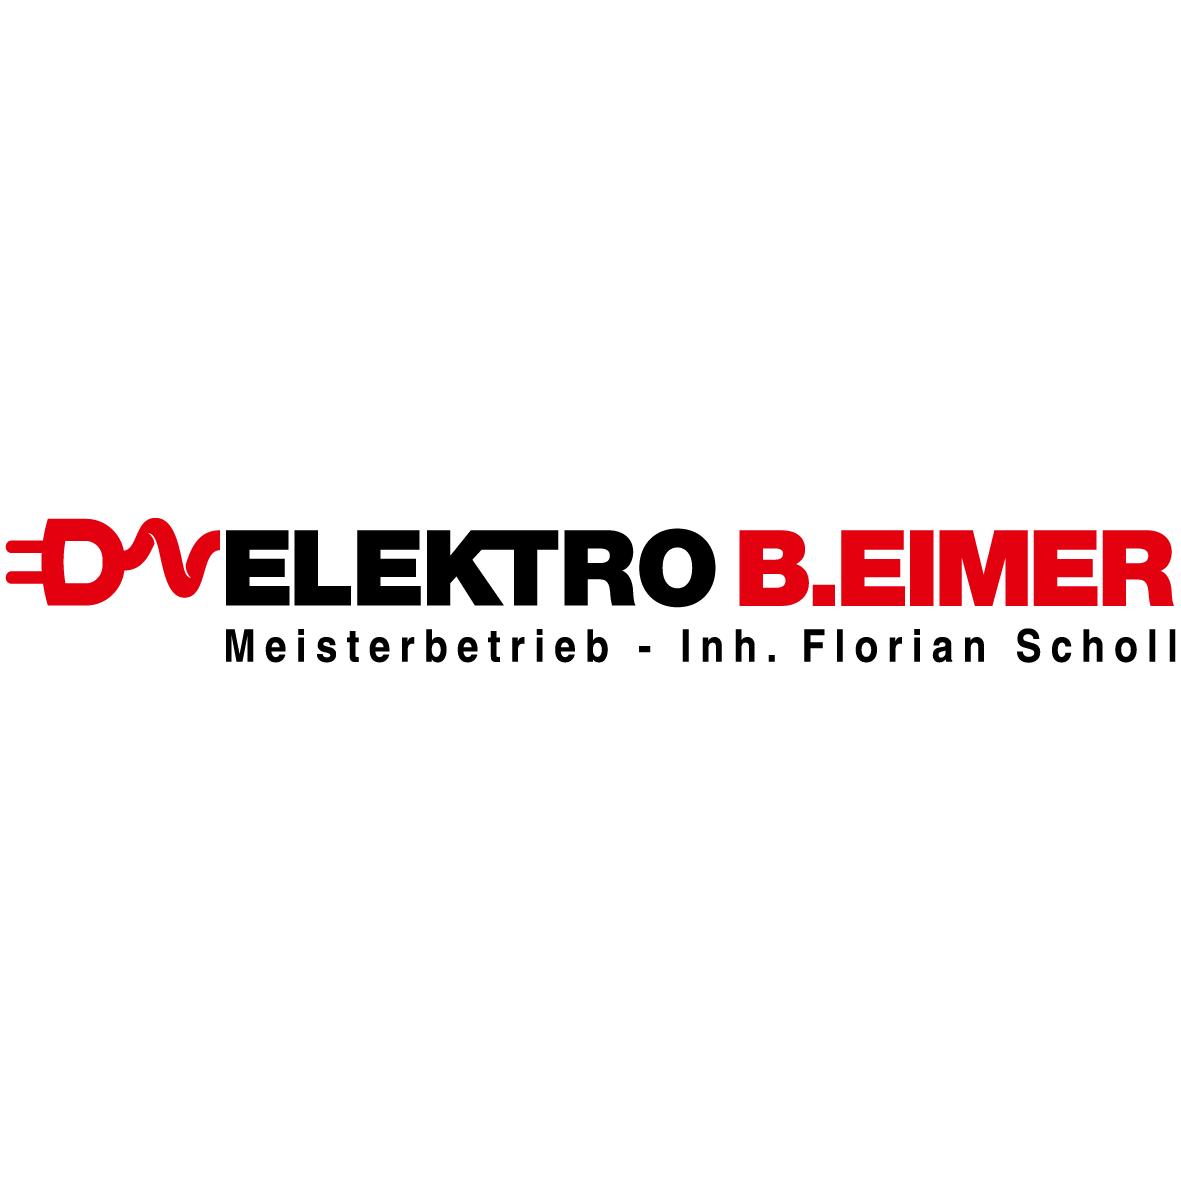 Elektro B. Eimer e. K.